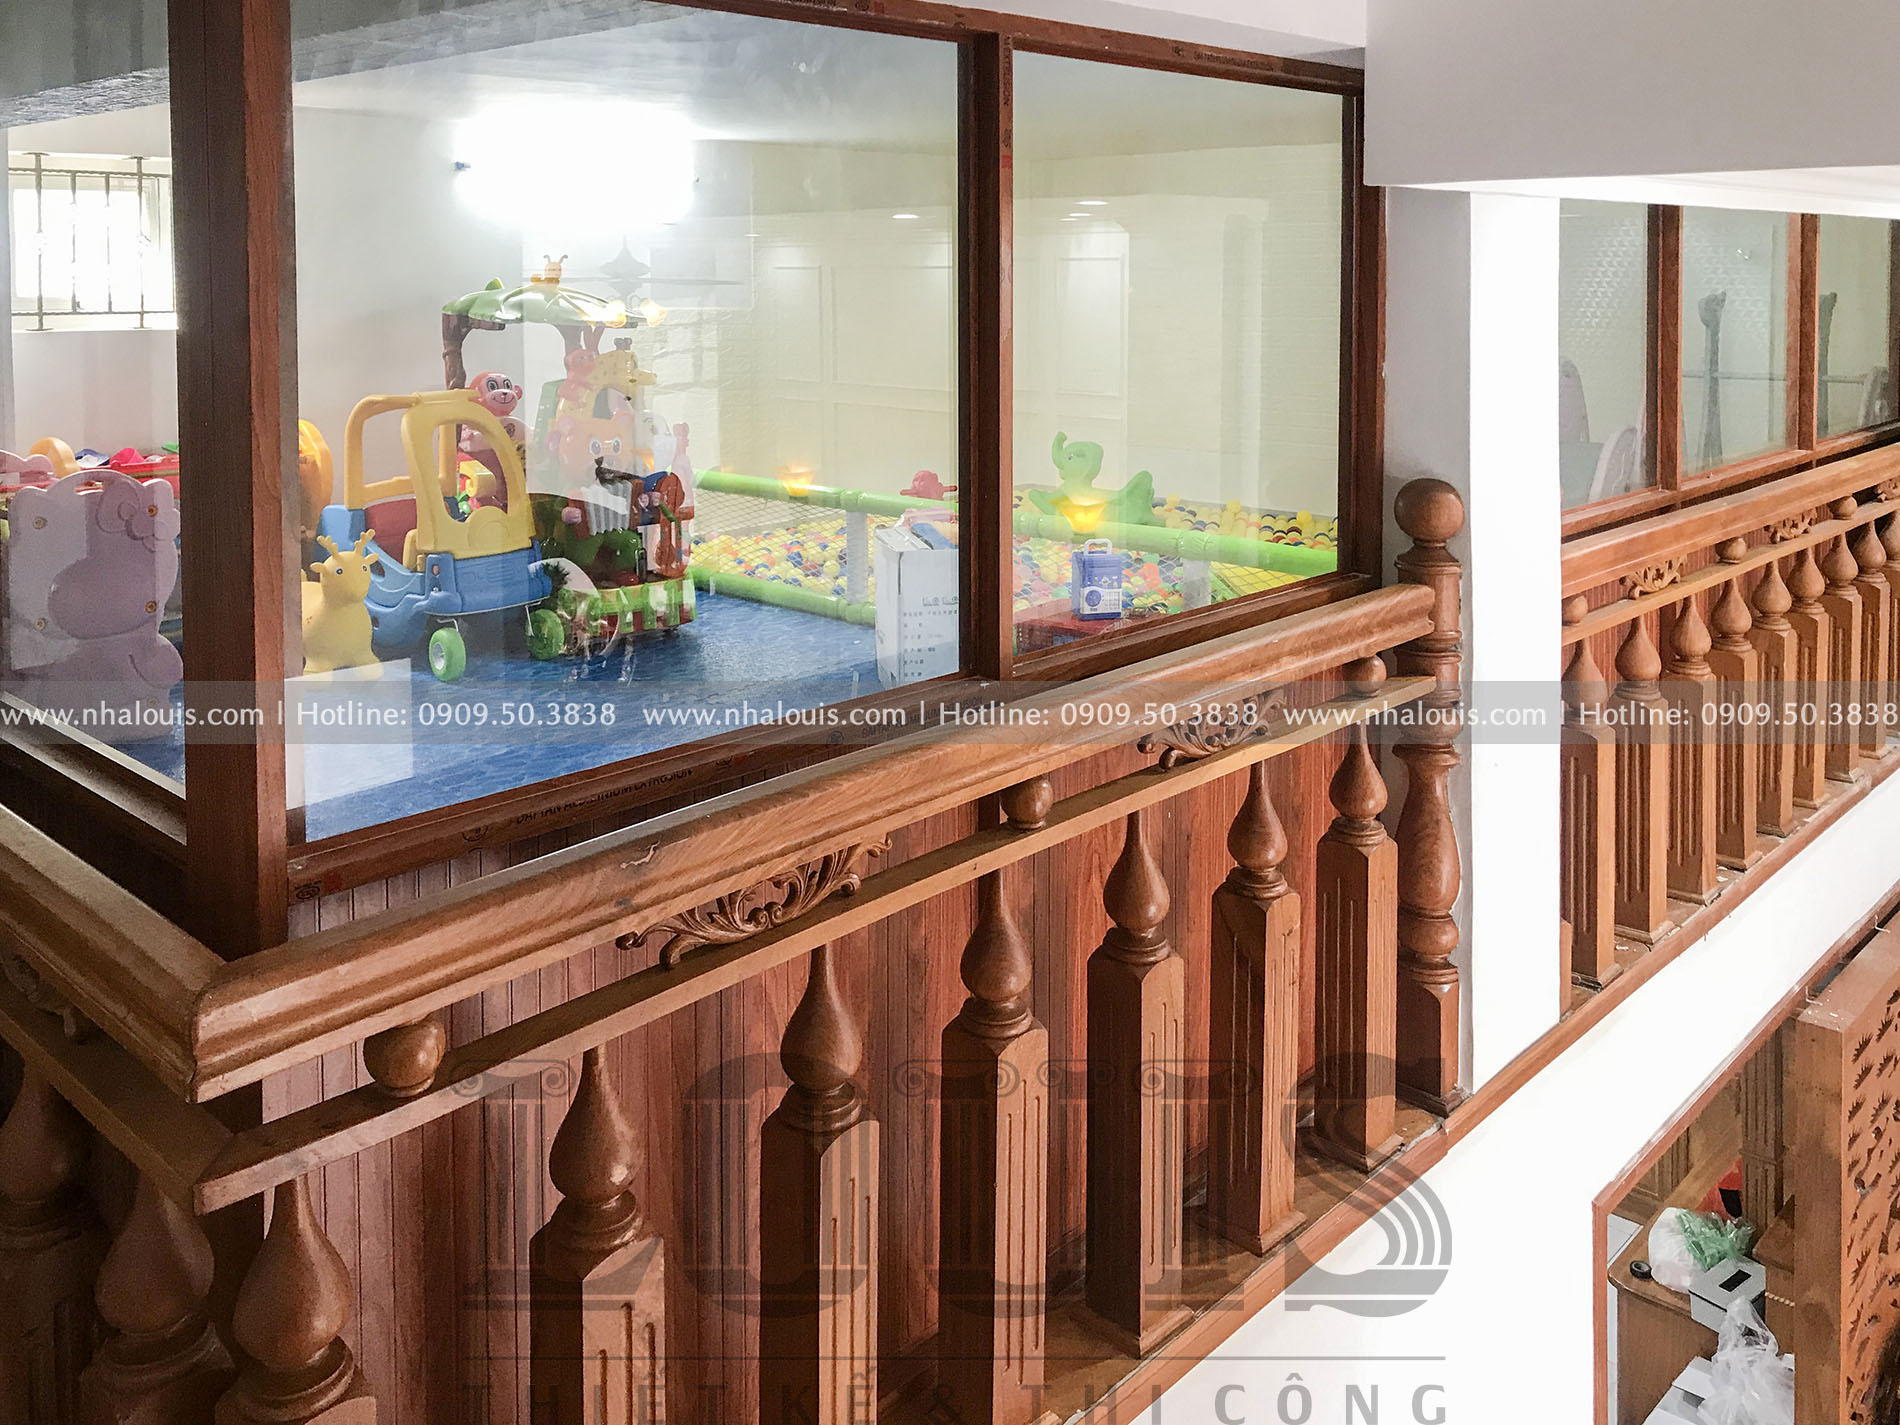 thi công cải tạo biệt thự 3 tầng tân cổ điển